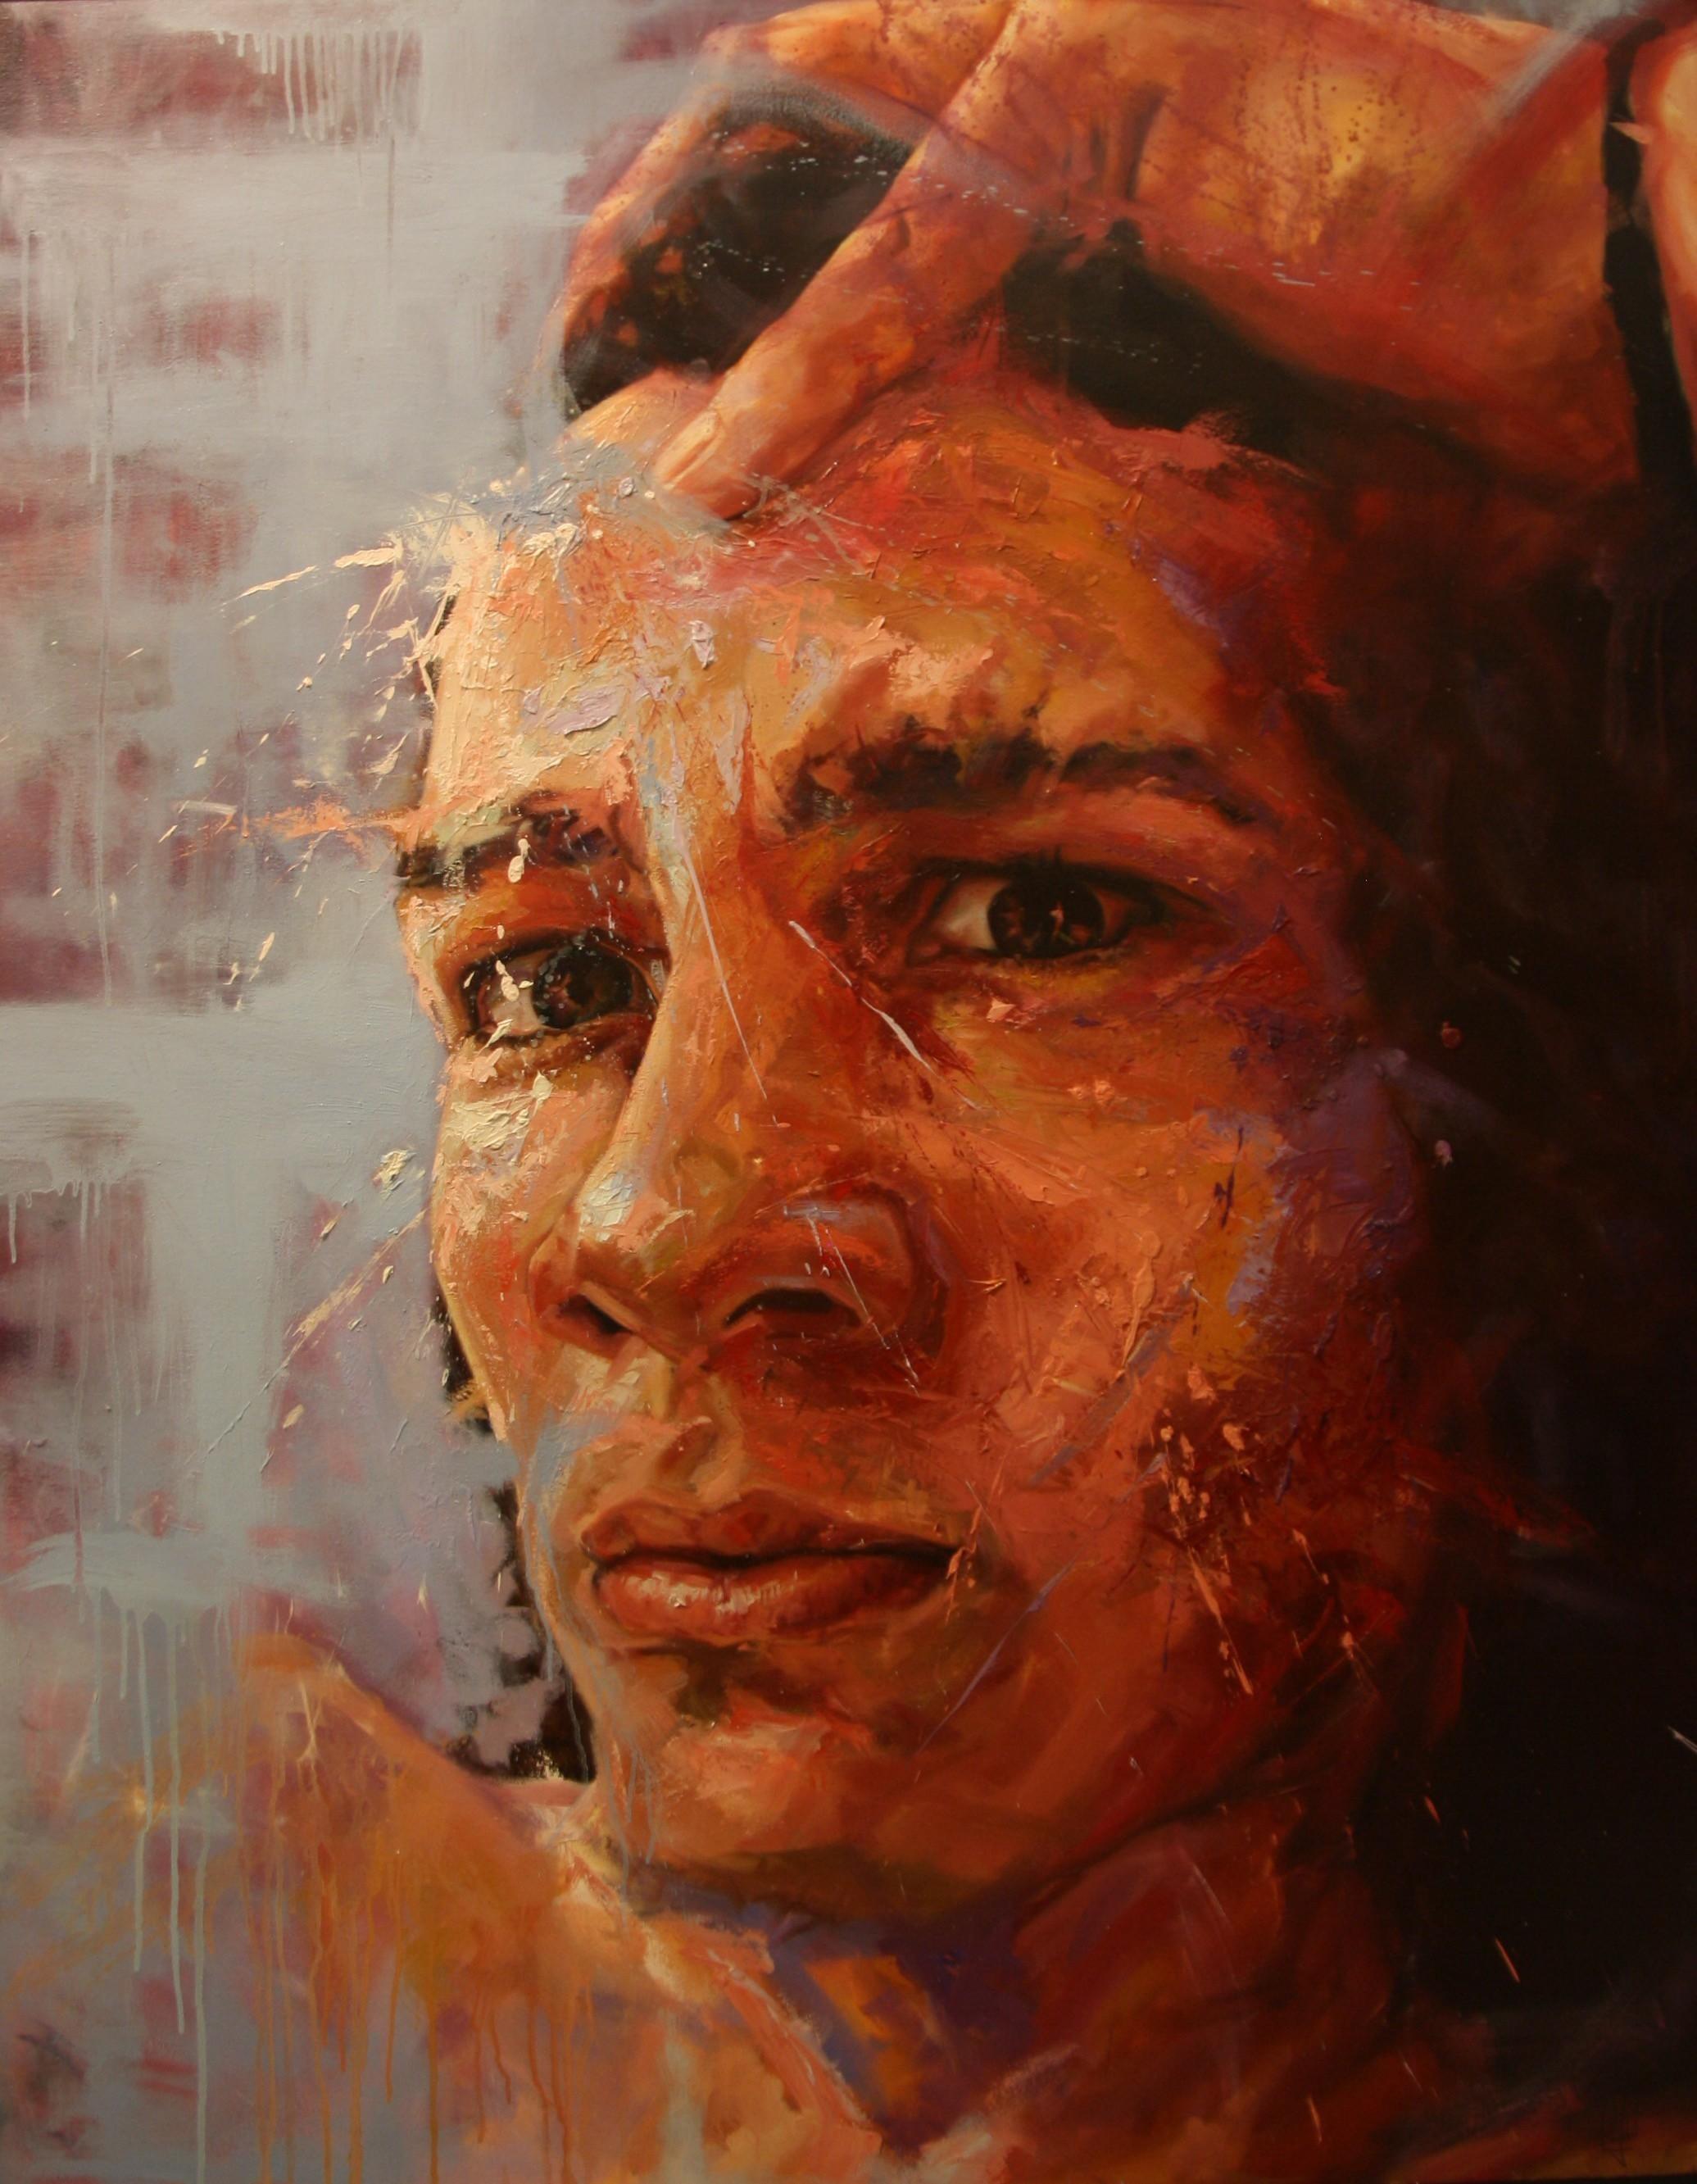 Intimate Enemies - Oil on canvas62